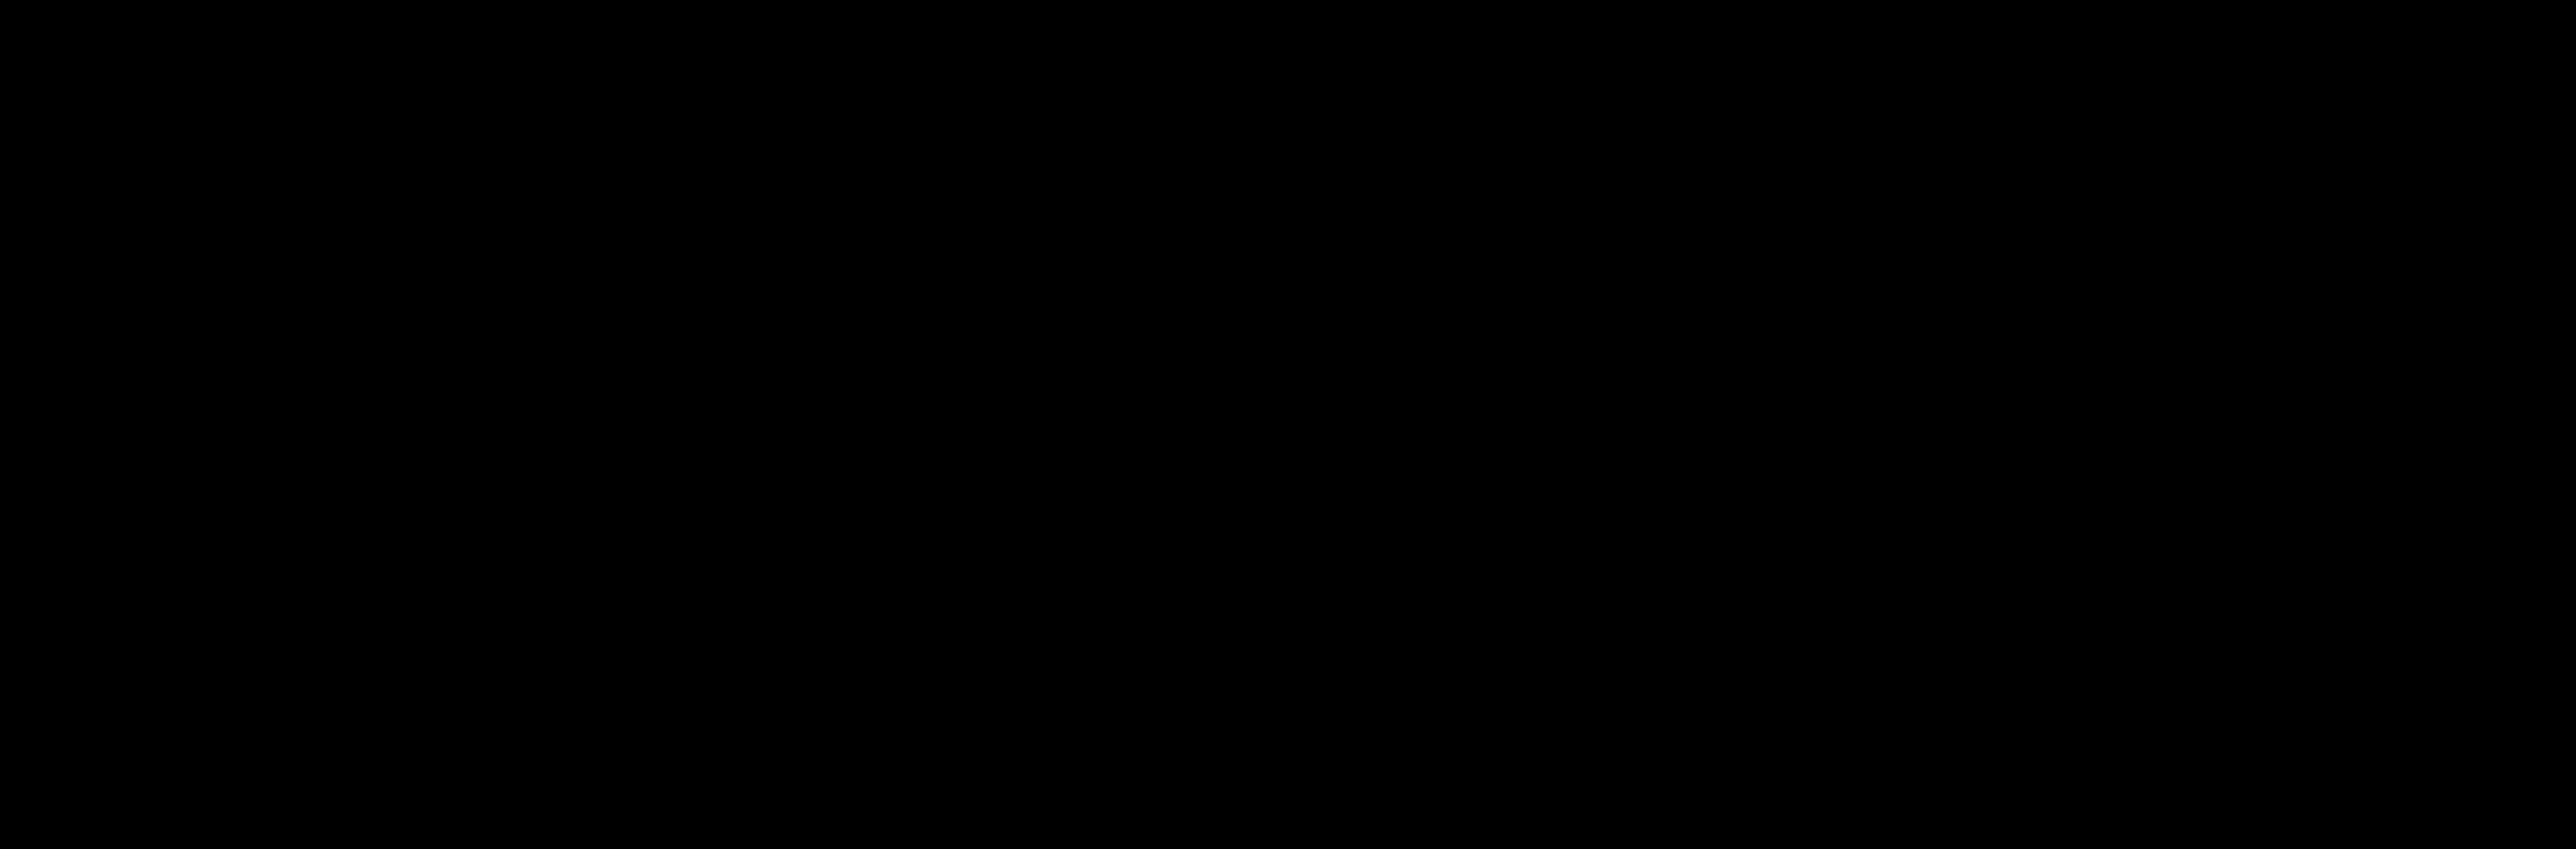 cesnek_1